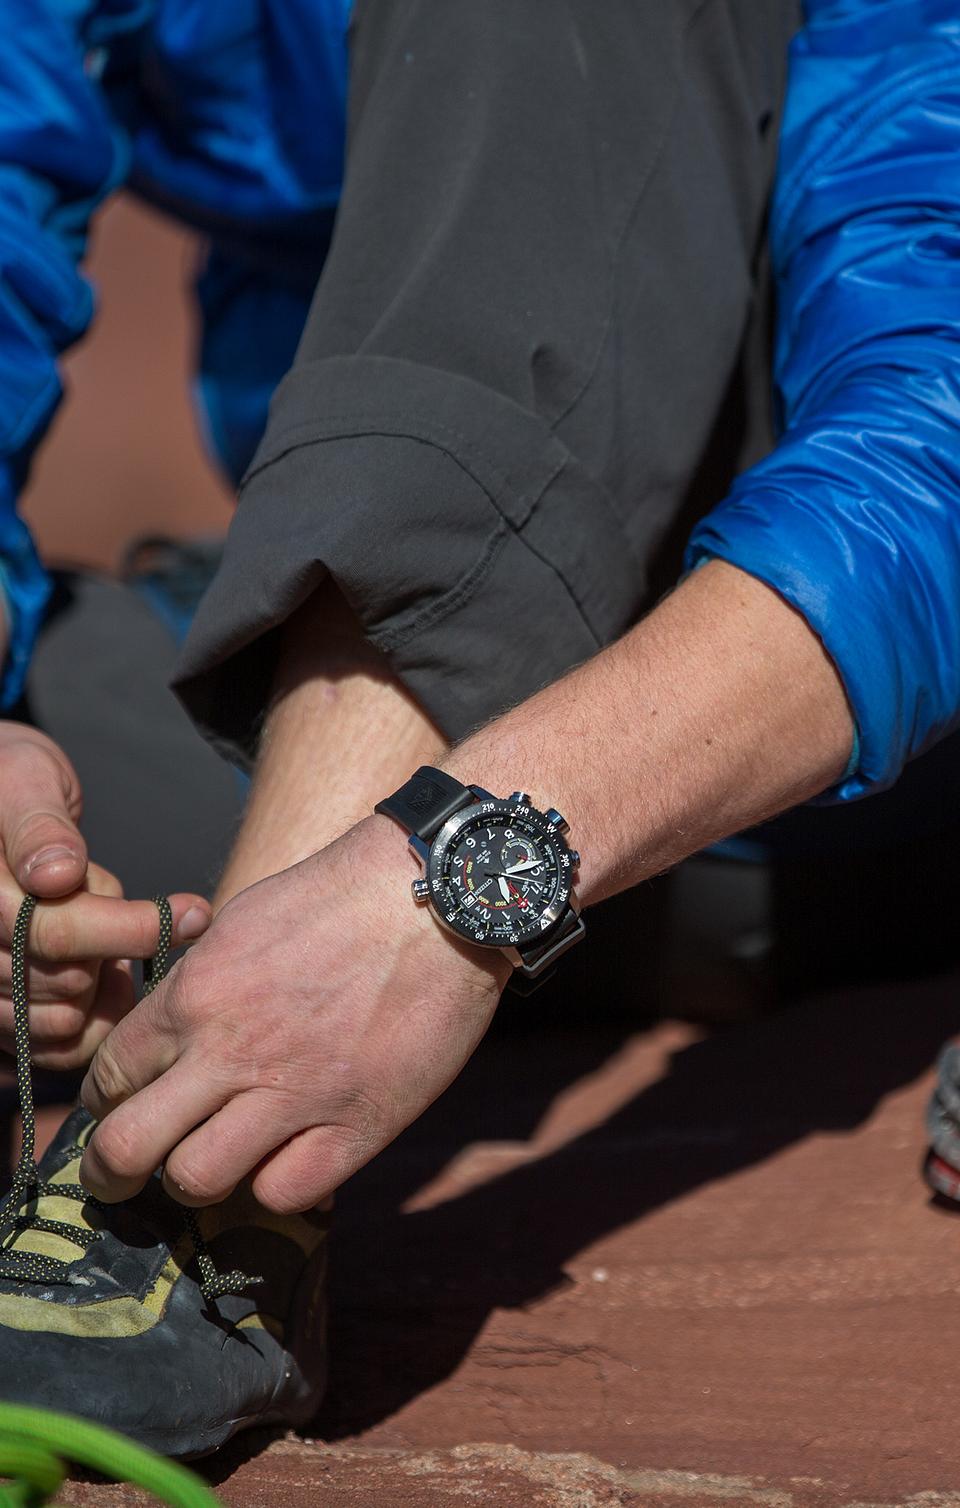 fd153b485e4 Promaster Altichron - Men s Black BN5058-07E Sports Watch